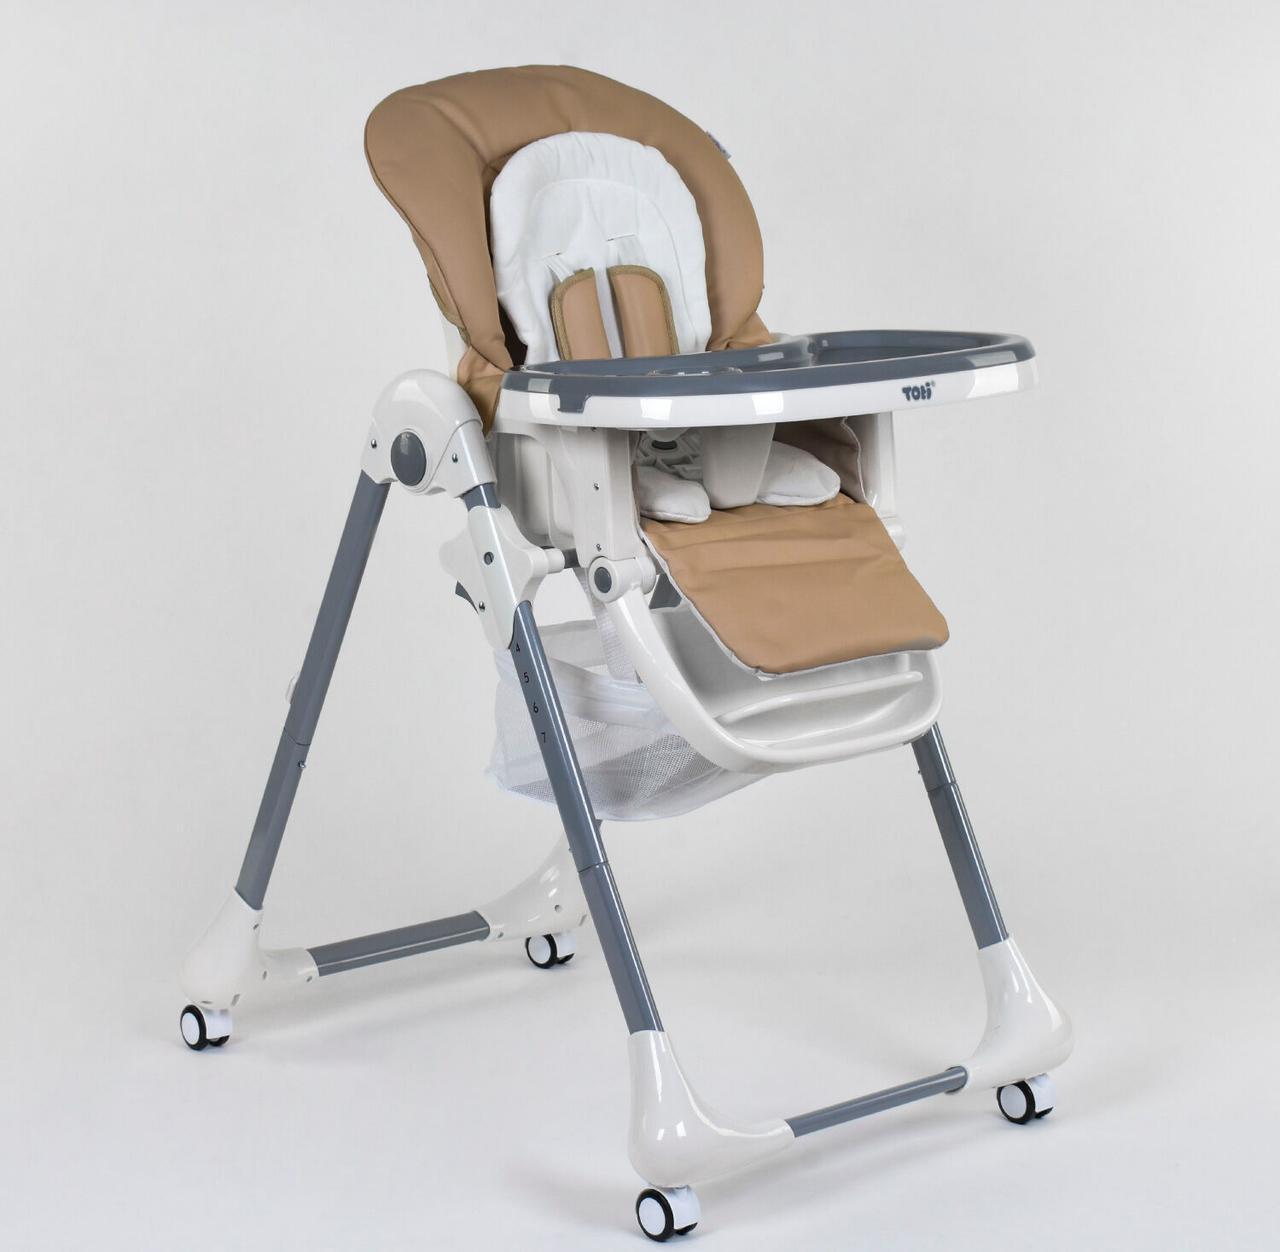 Стульчик для кормления Toti CB-2060, мягкий вкладыш, 4 колеса, съемный столик